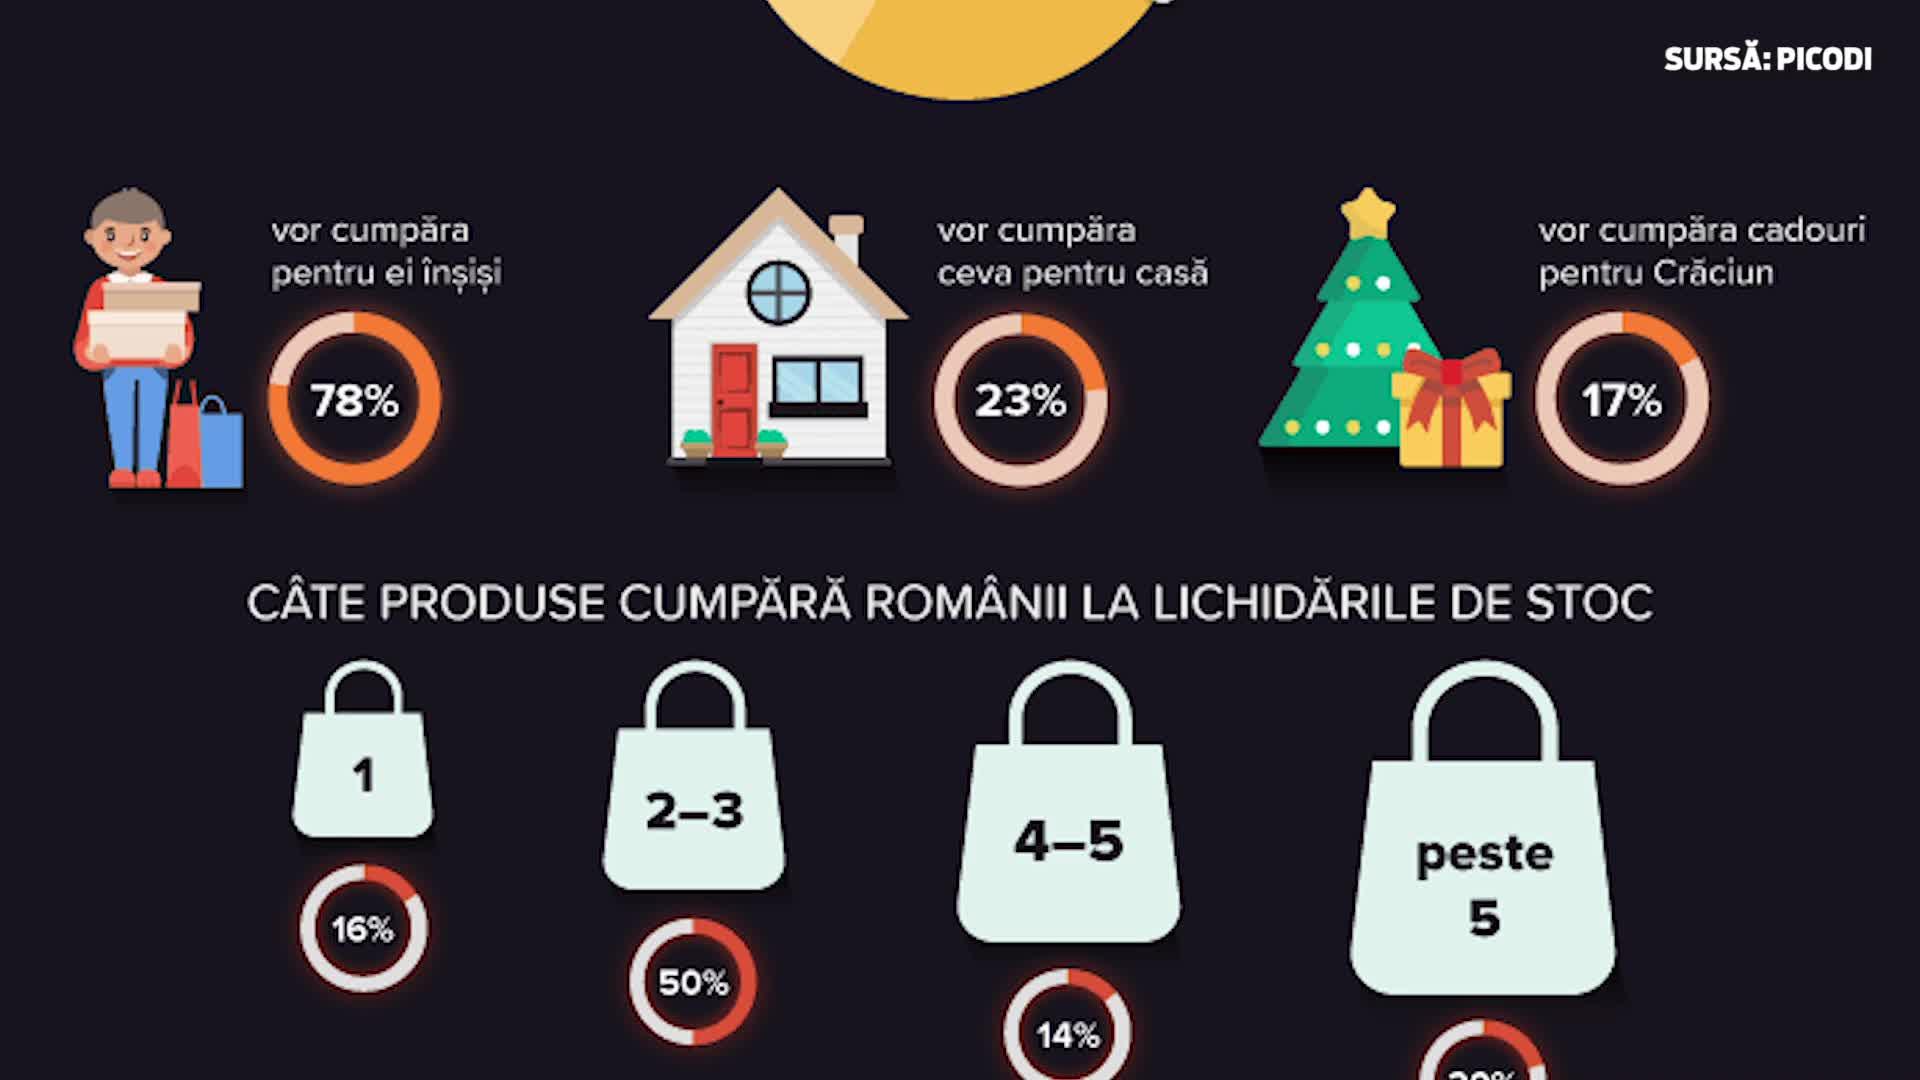 Black Friday în România. Despre ce vorbesc cifrele? - VIDEO